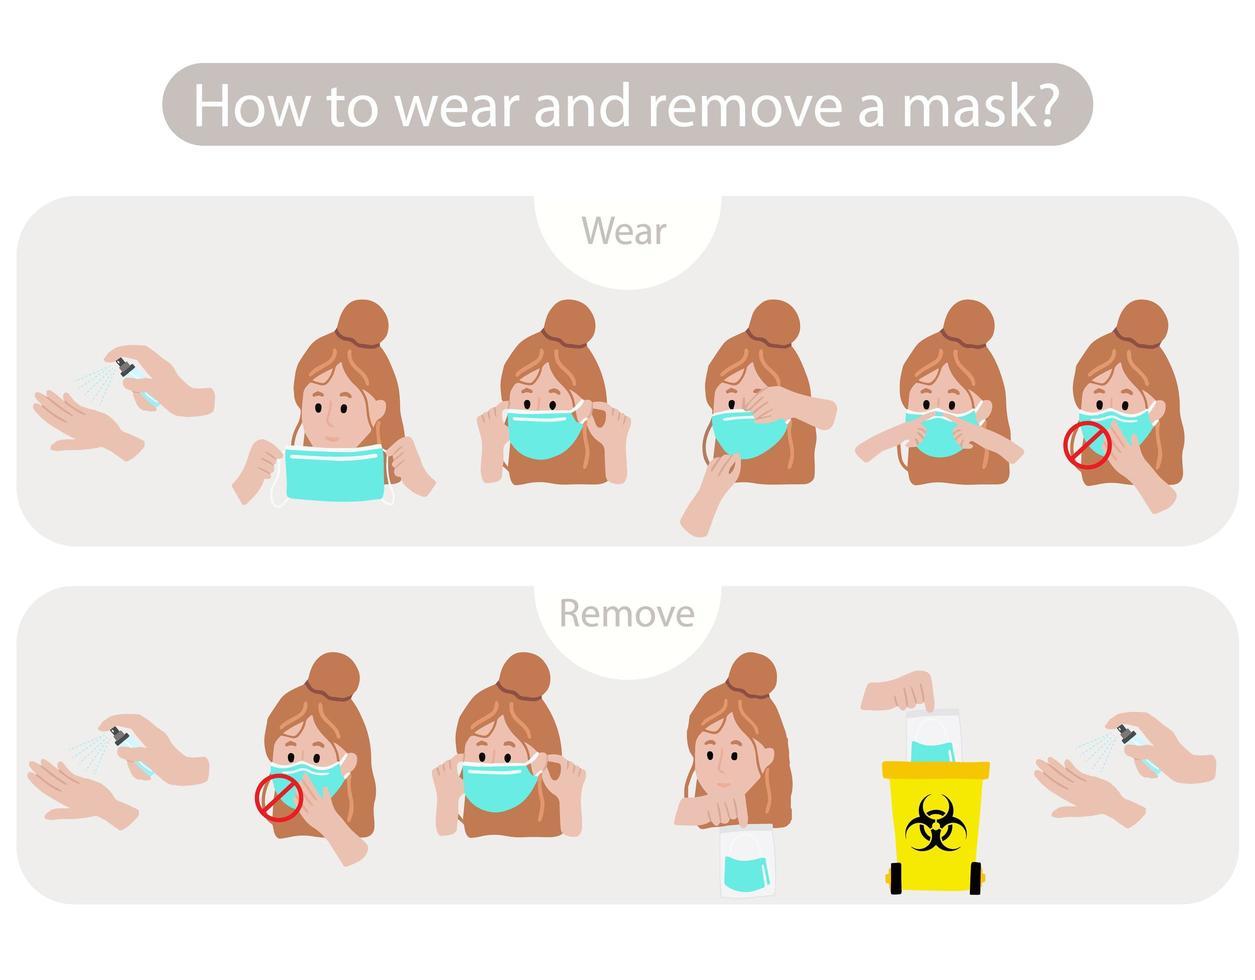 hombre mostrando cómo usar y quitarse la máscara vector